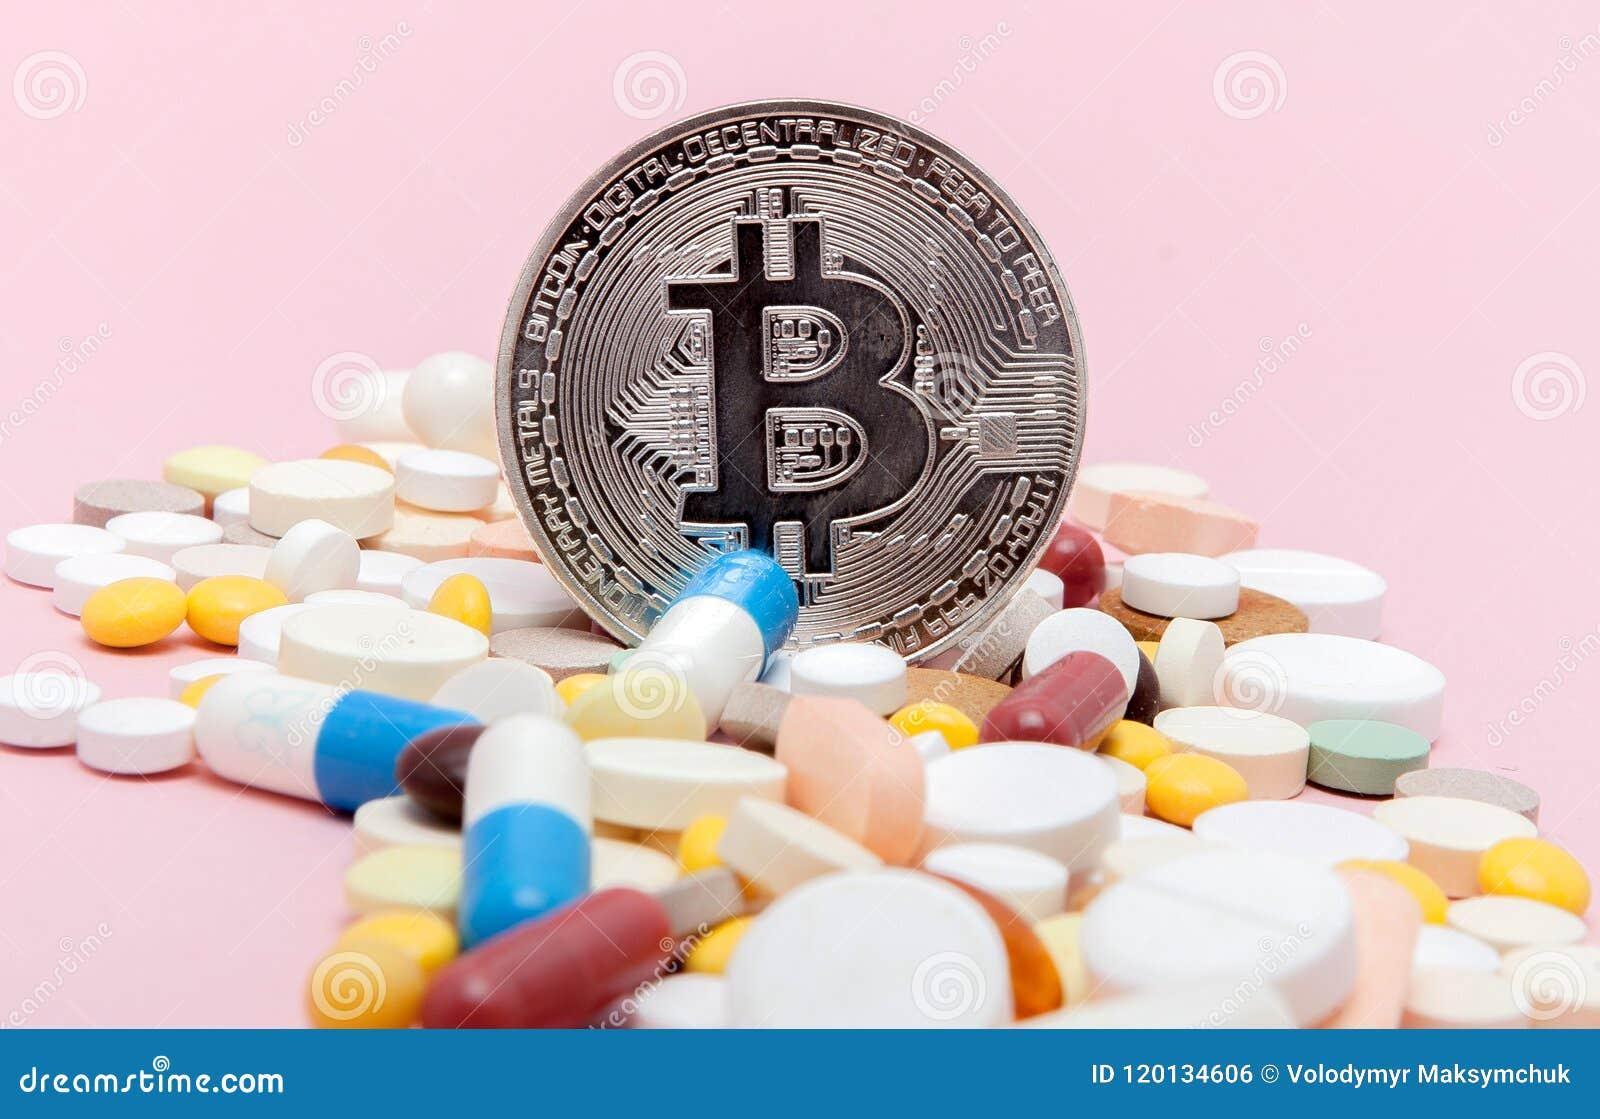 btc medicina btc rinkos ištrinti paskyrą